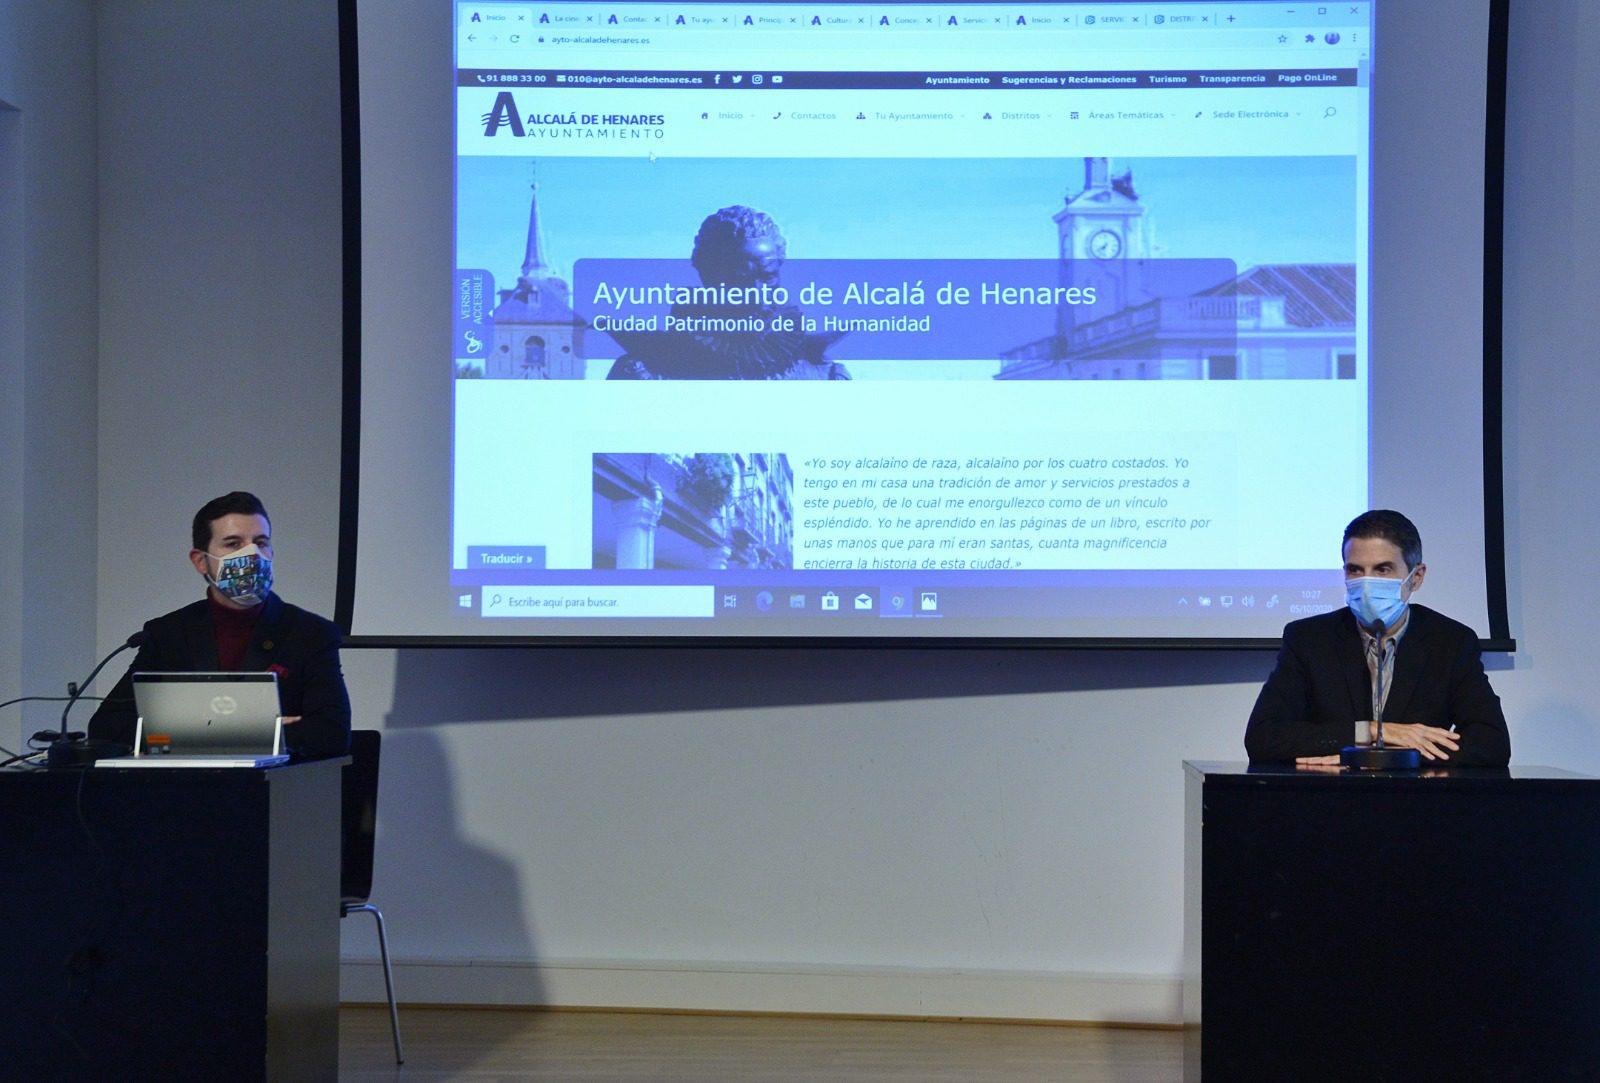 El Ayuntamiento De Alcalá Estrena Hoy Un Nuevo Portal Web Intuitivo Accesible Seguro Moderno Y Dinámico Ayuntamiento De Alcalá De Henares